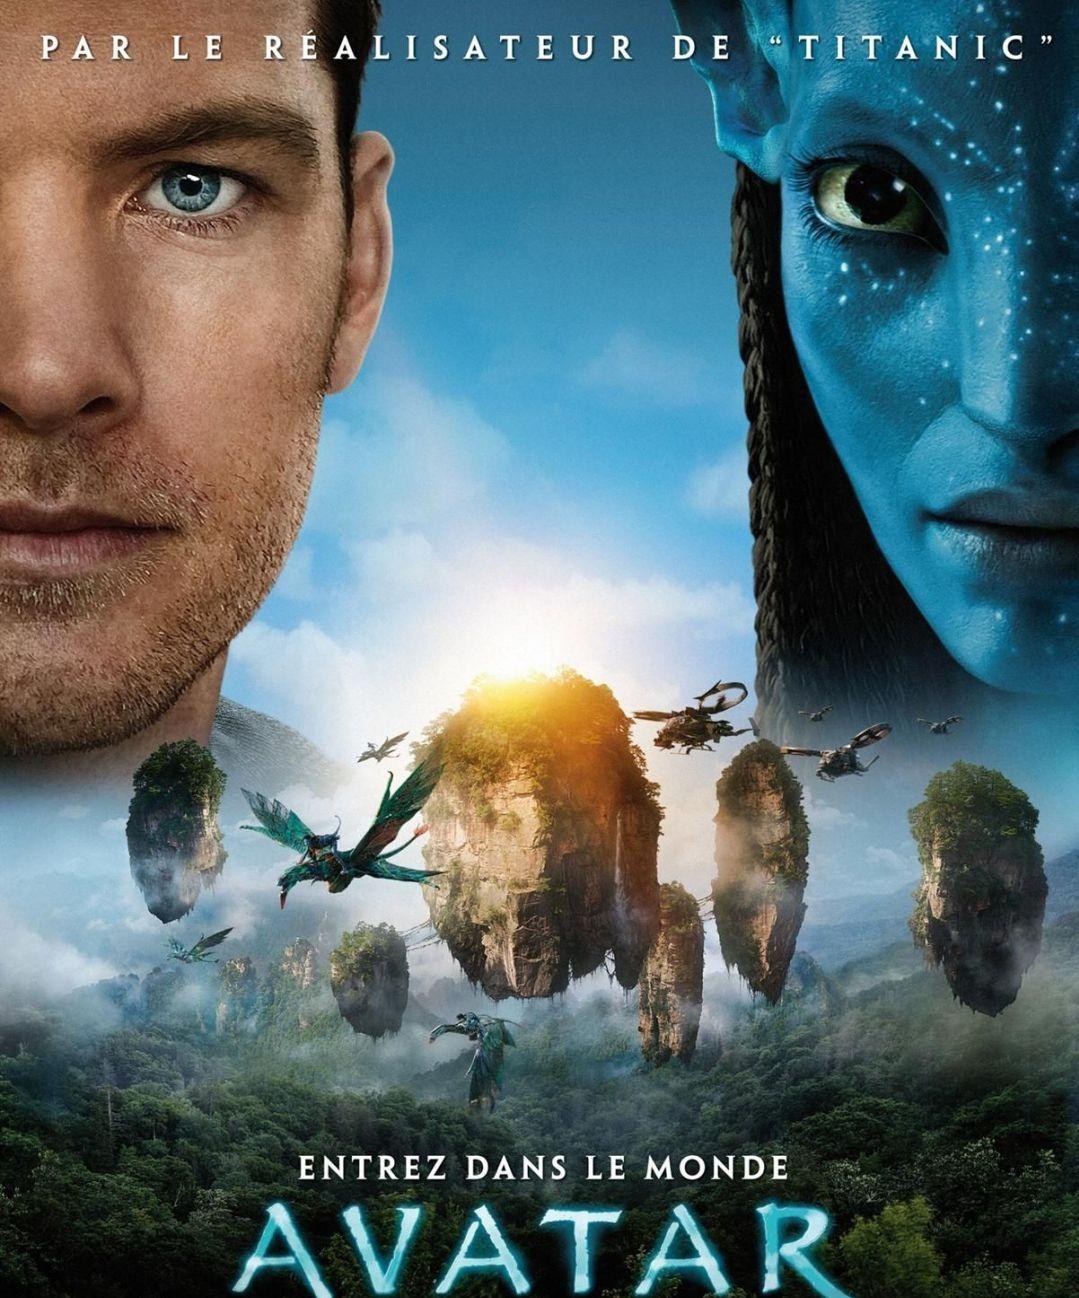 卡梅隆证实《阿凡达2》完成拍摄,晒片场照,预计2022年上映